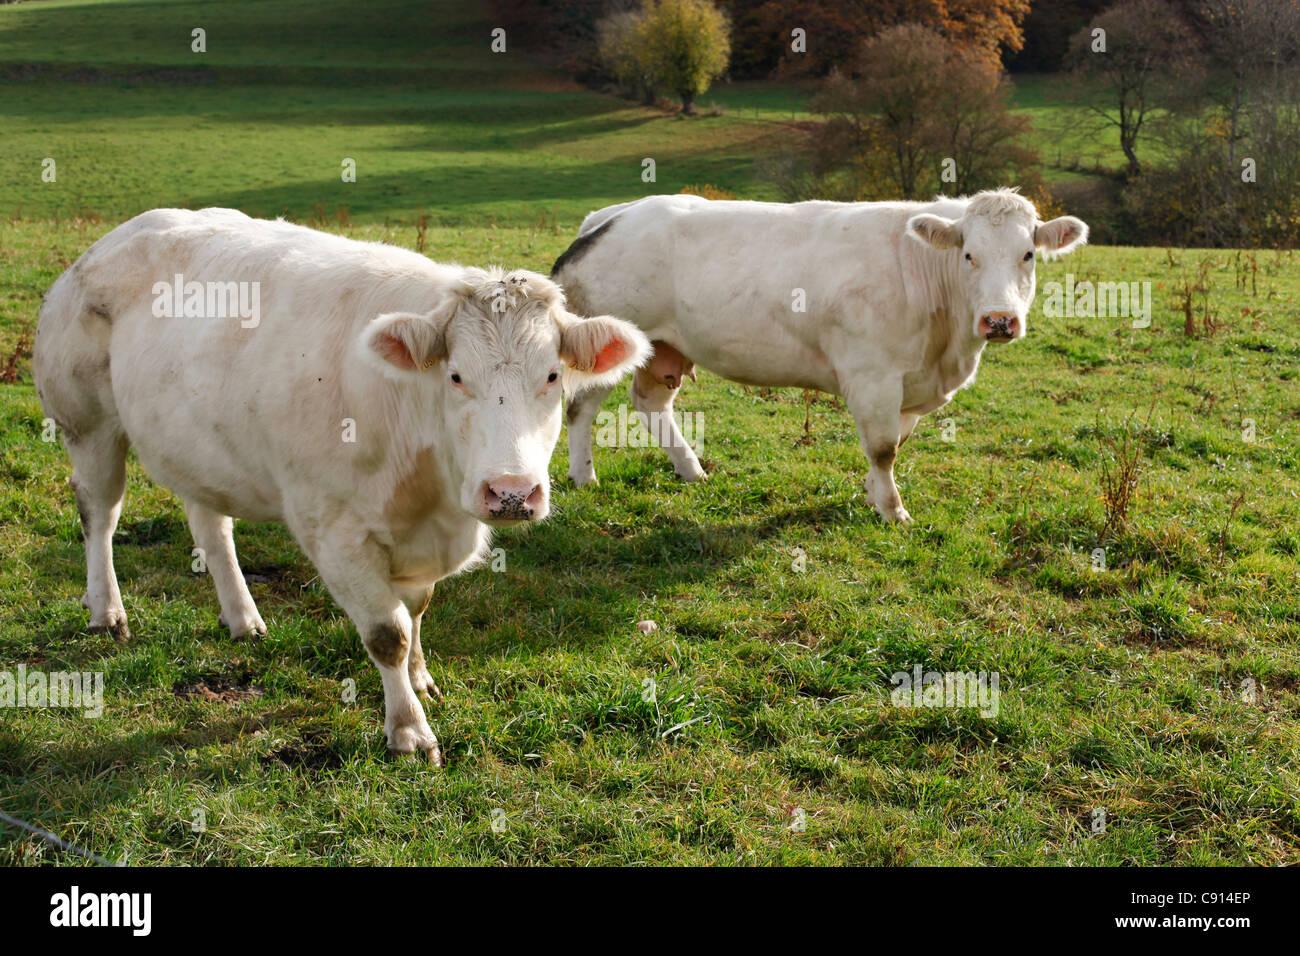 Cows in Aisne, Les Ardennes, Belgium - Stock Image